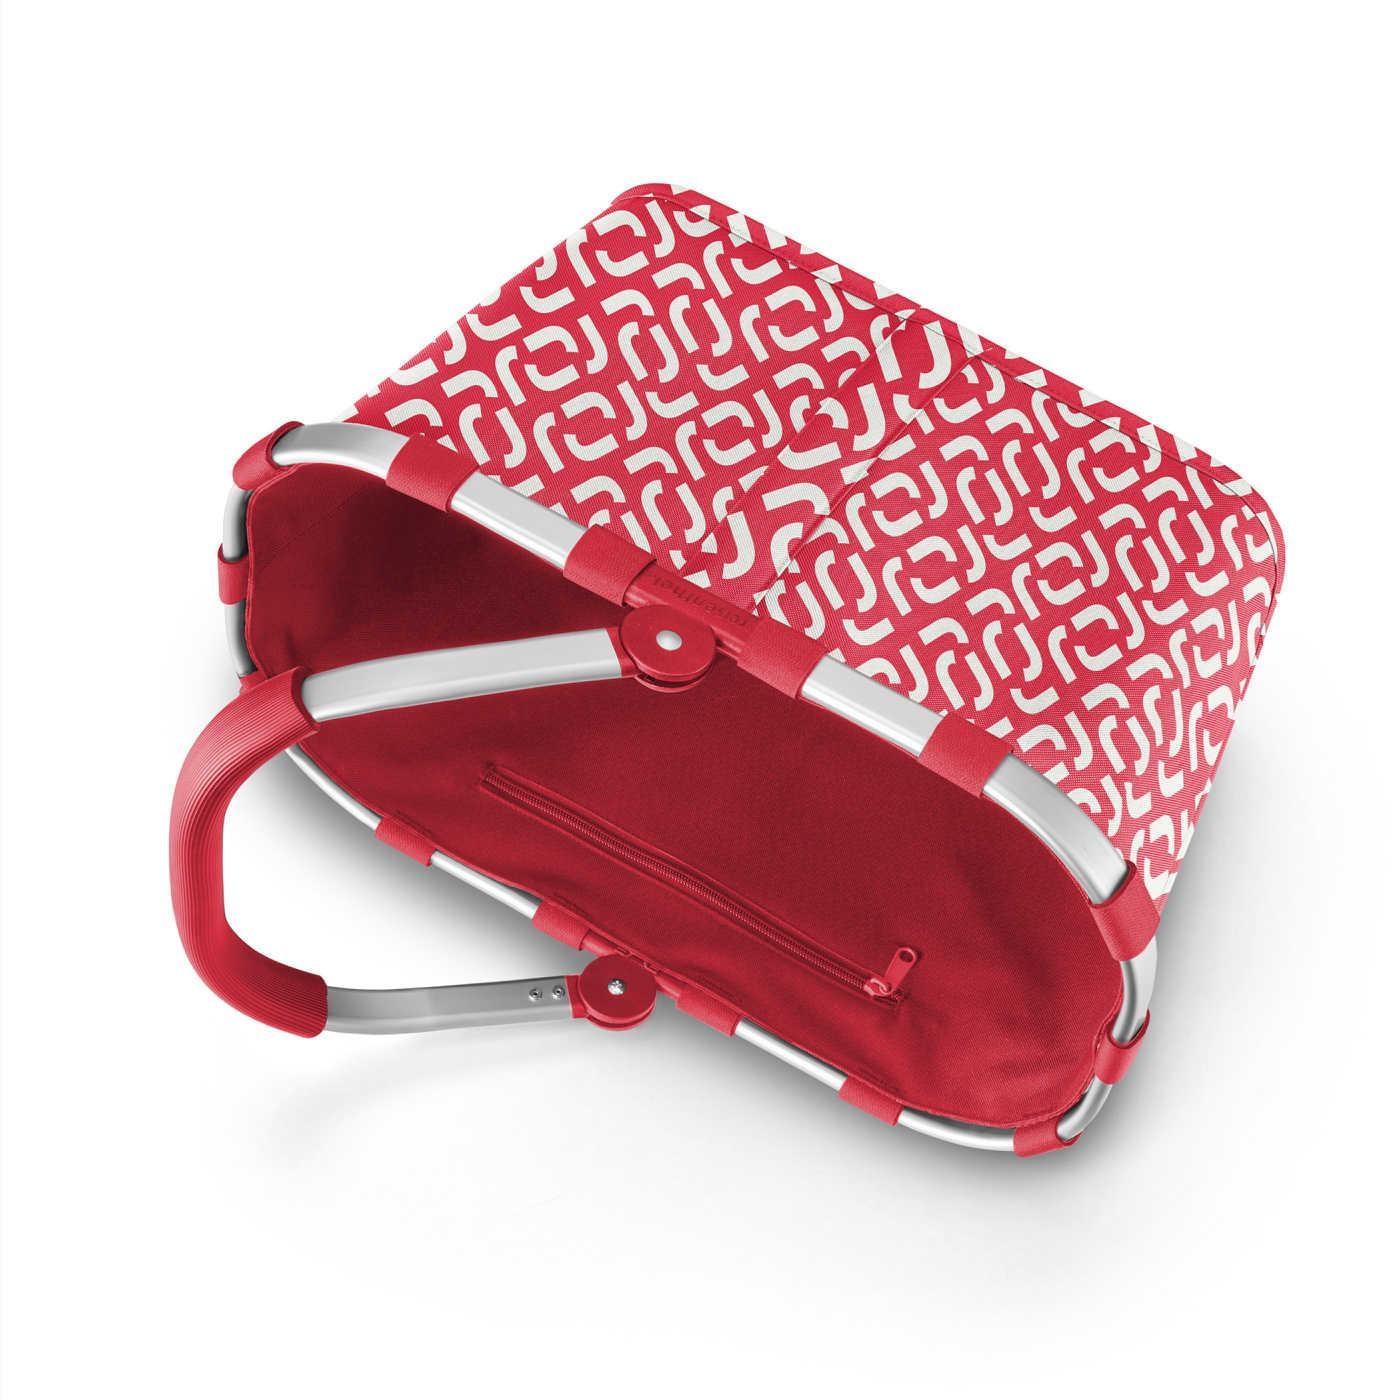 Nákupní košík Carrybag signature red_1